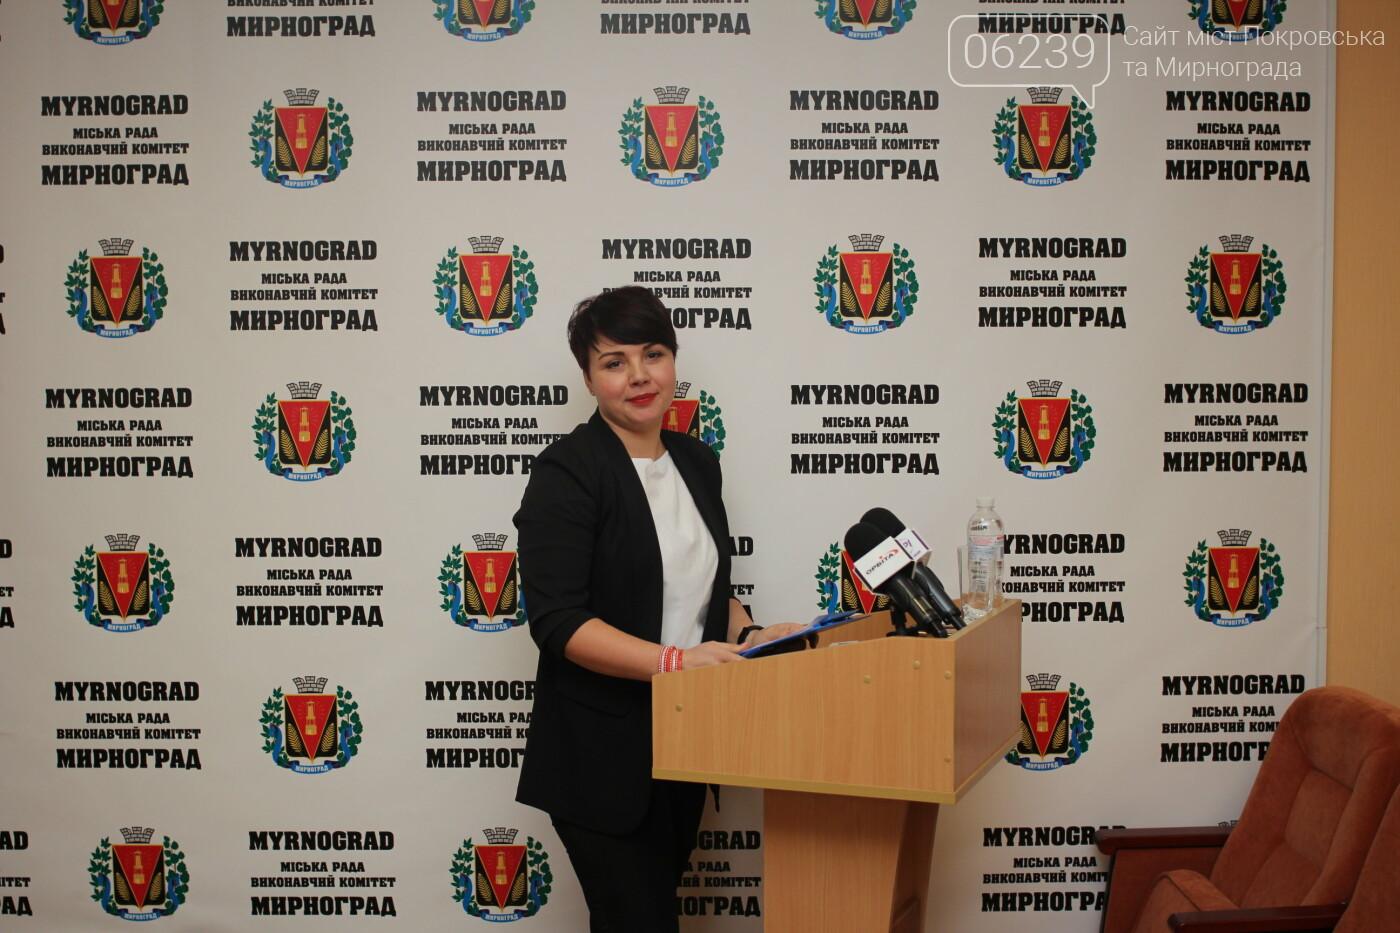 Изменения в бюджете и новый начальник отдела здравоохранения: в Мирнограде состоялась 72-я сессия горсовета, фото-8